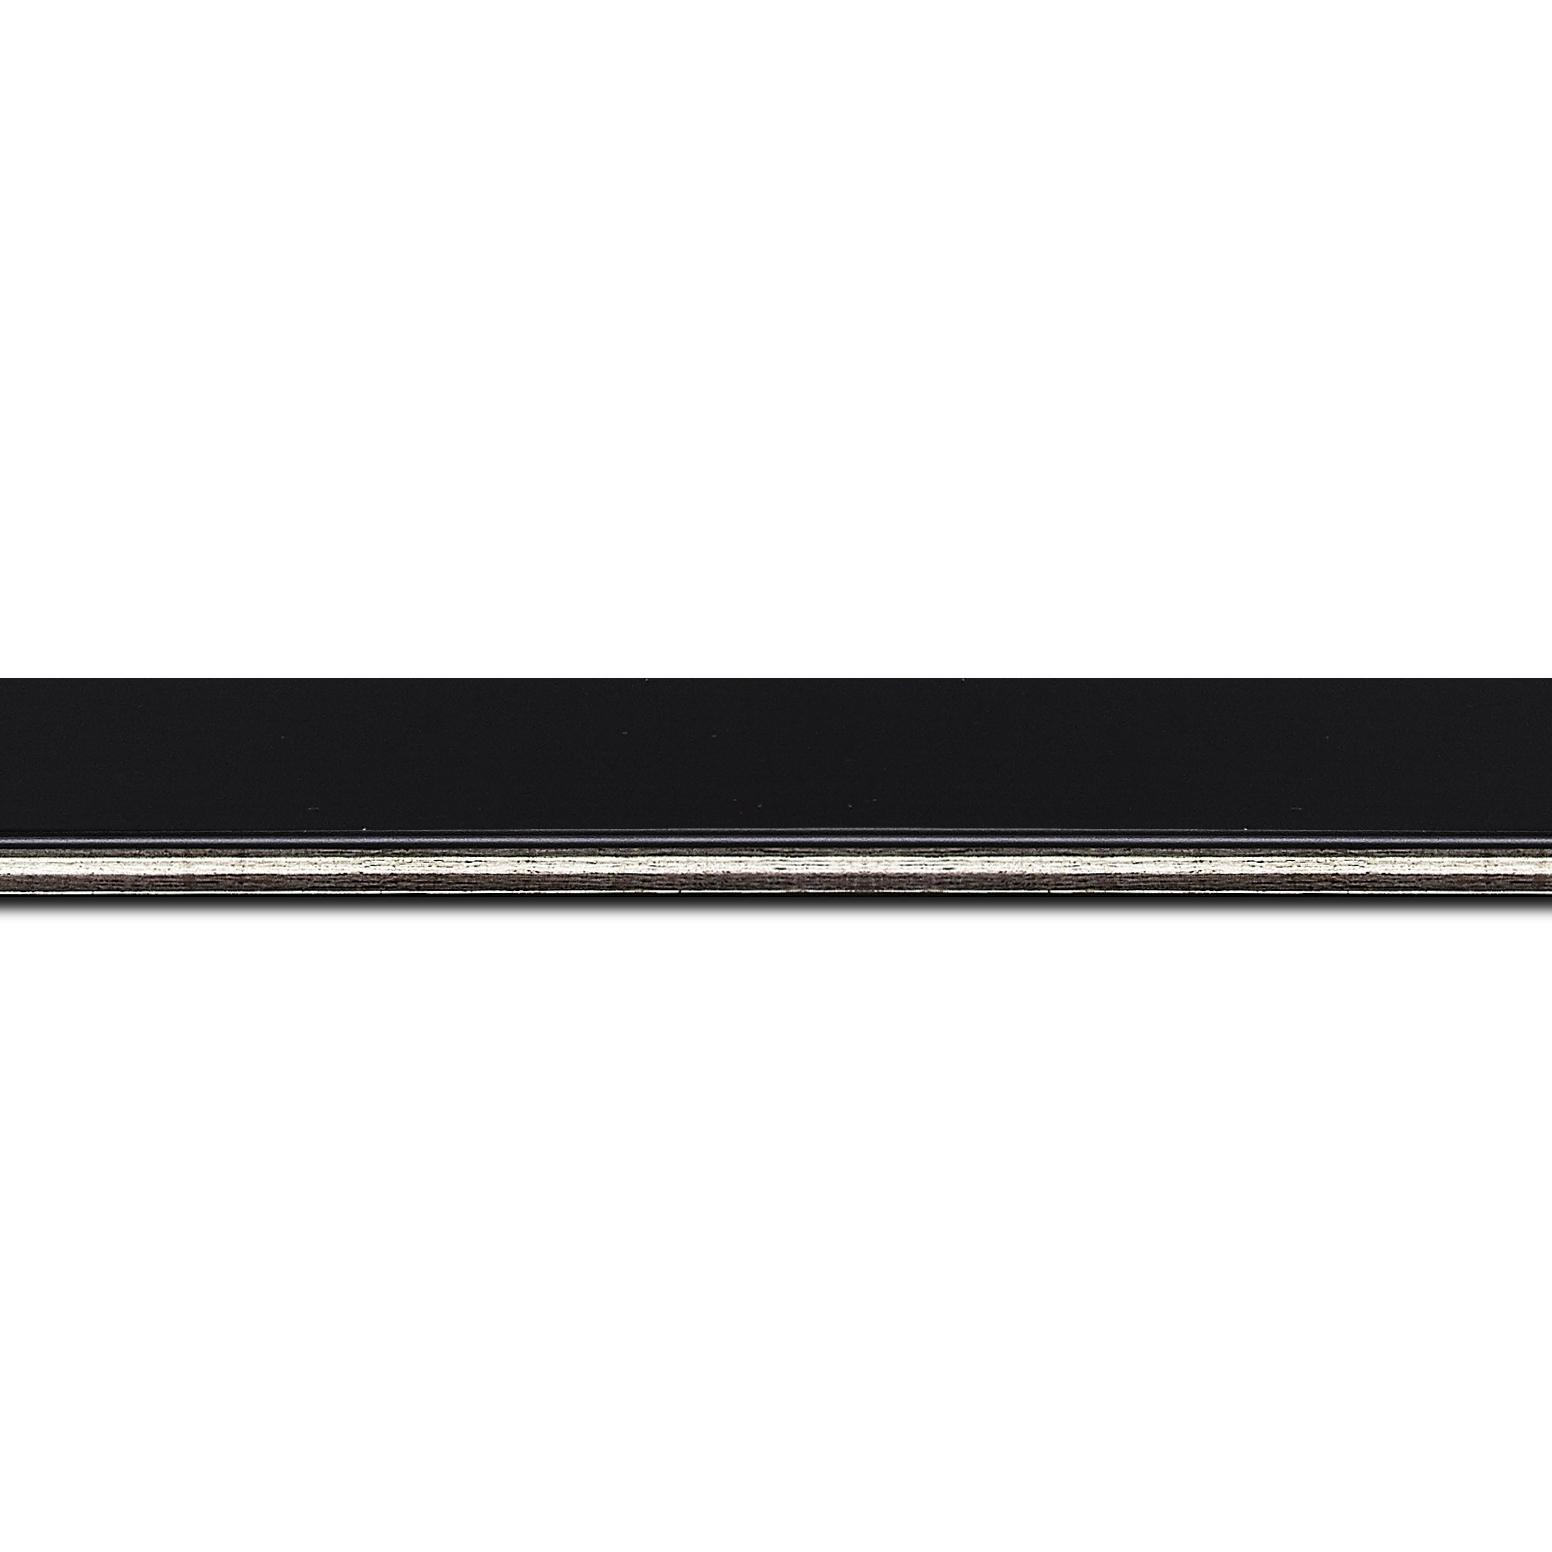 Baguette longueur 1.40m bois profil plat largeur 2.5cm couleur noir finition pore bouché filet argent